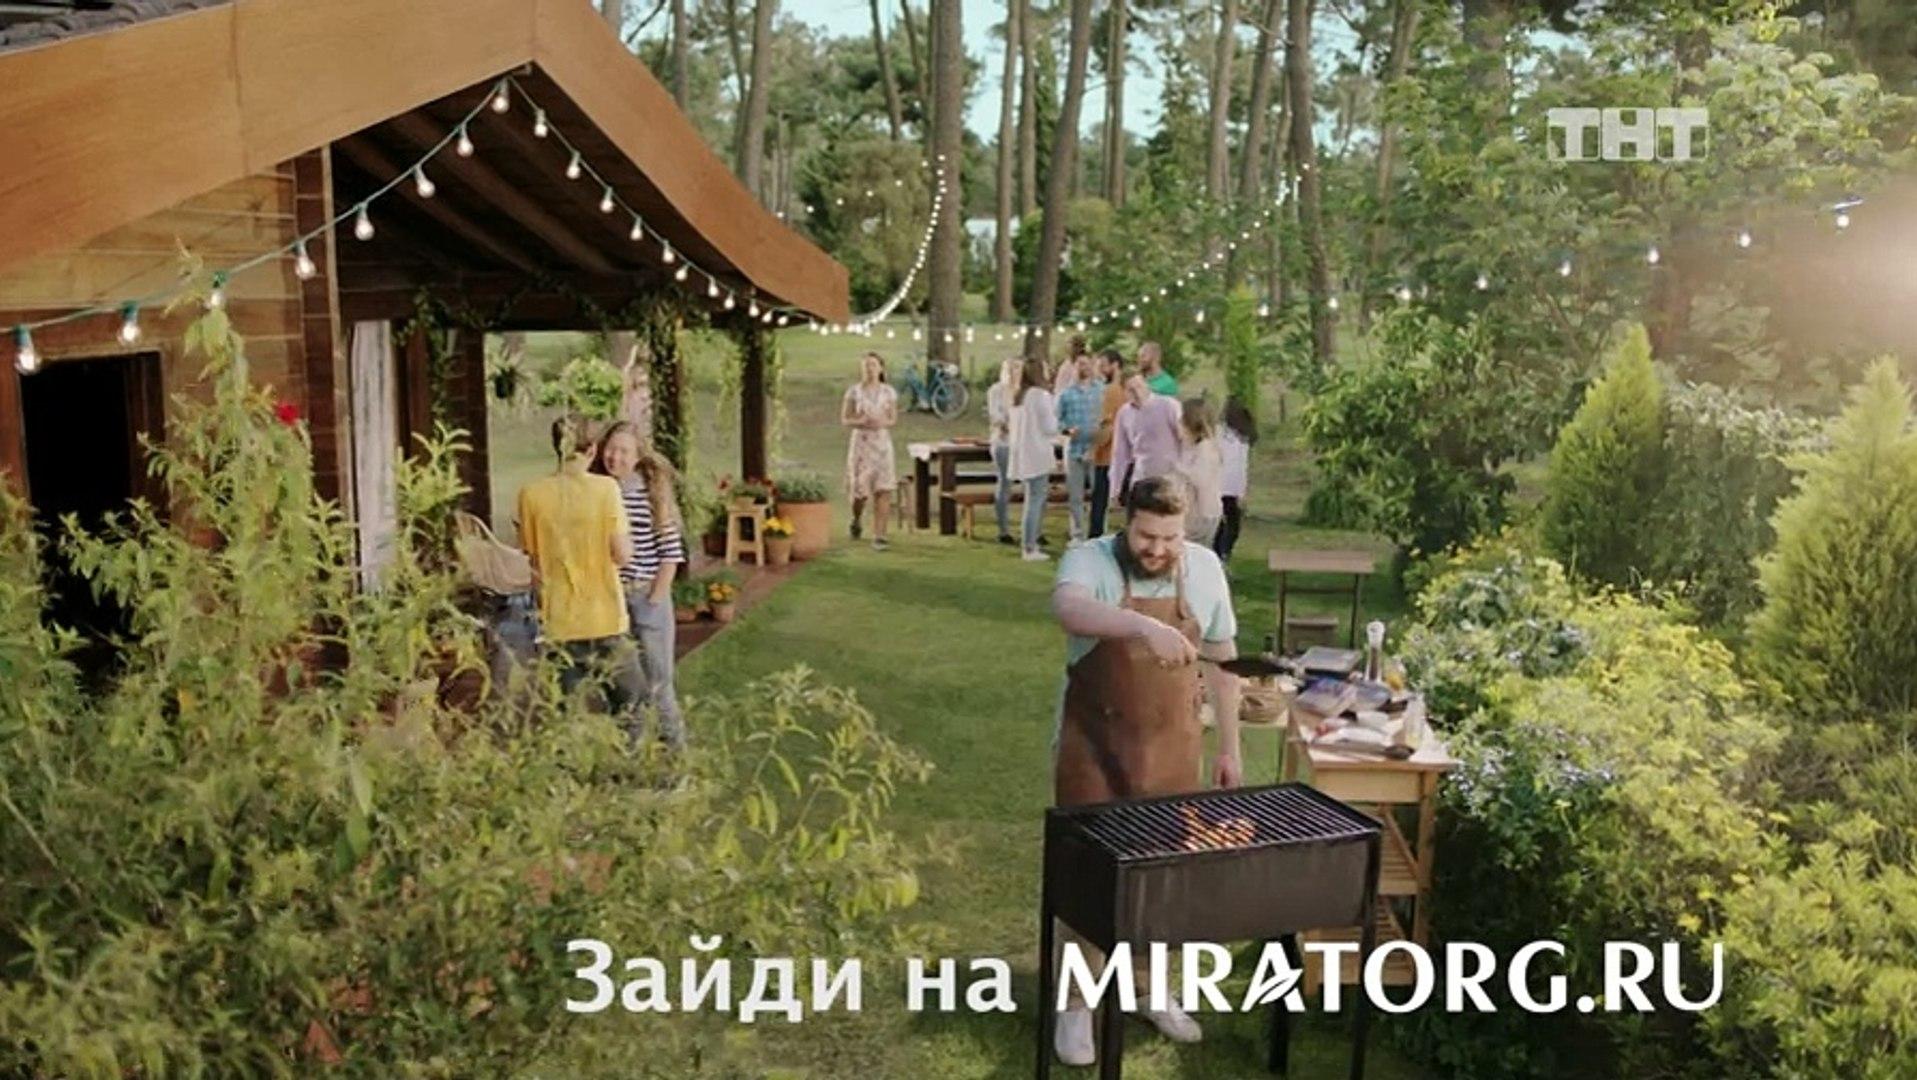 Камеди Клаб 14 сезон 9 выпуск  — смотреть онлайн видео, бесплатно! Эфир от 27 04 2018 (27 апреля Пят